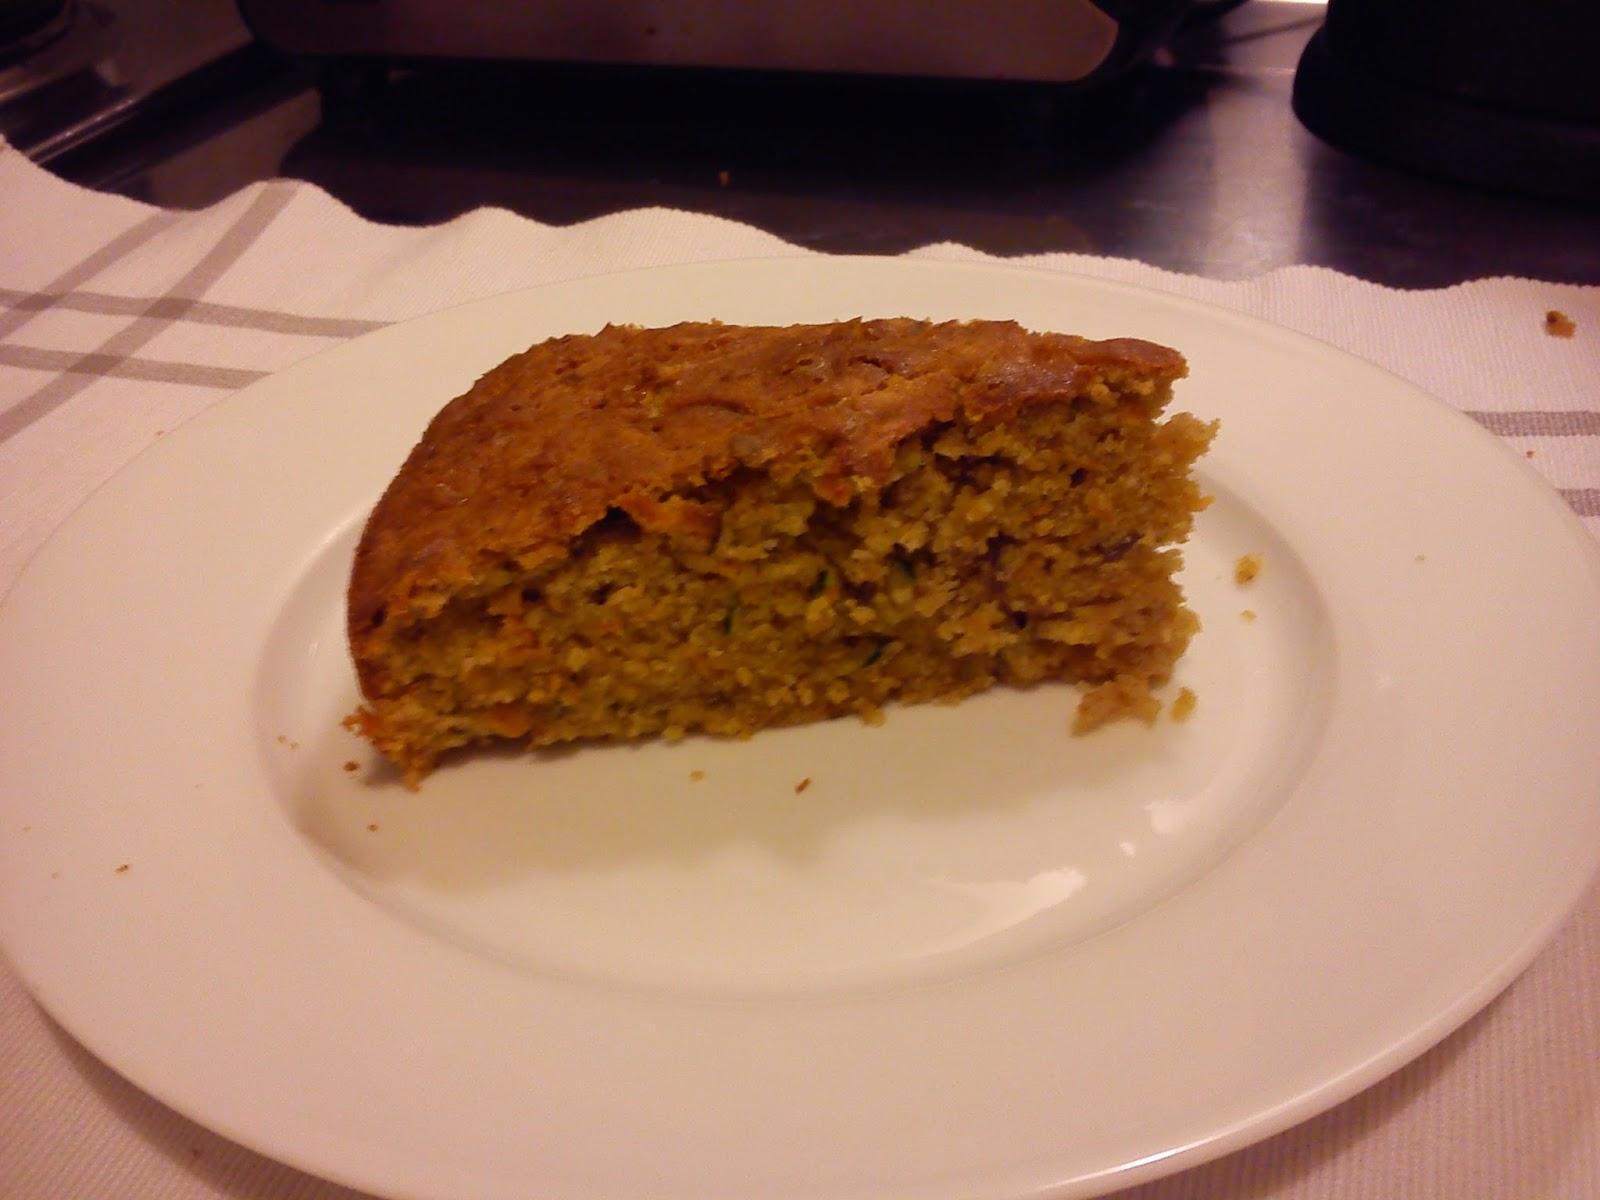 Reseptin mukaan leivottu bataattikakku on ihanan pehmeää.